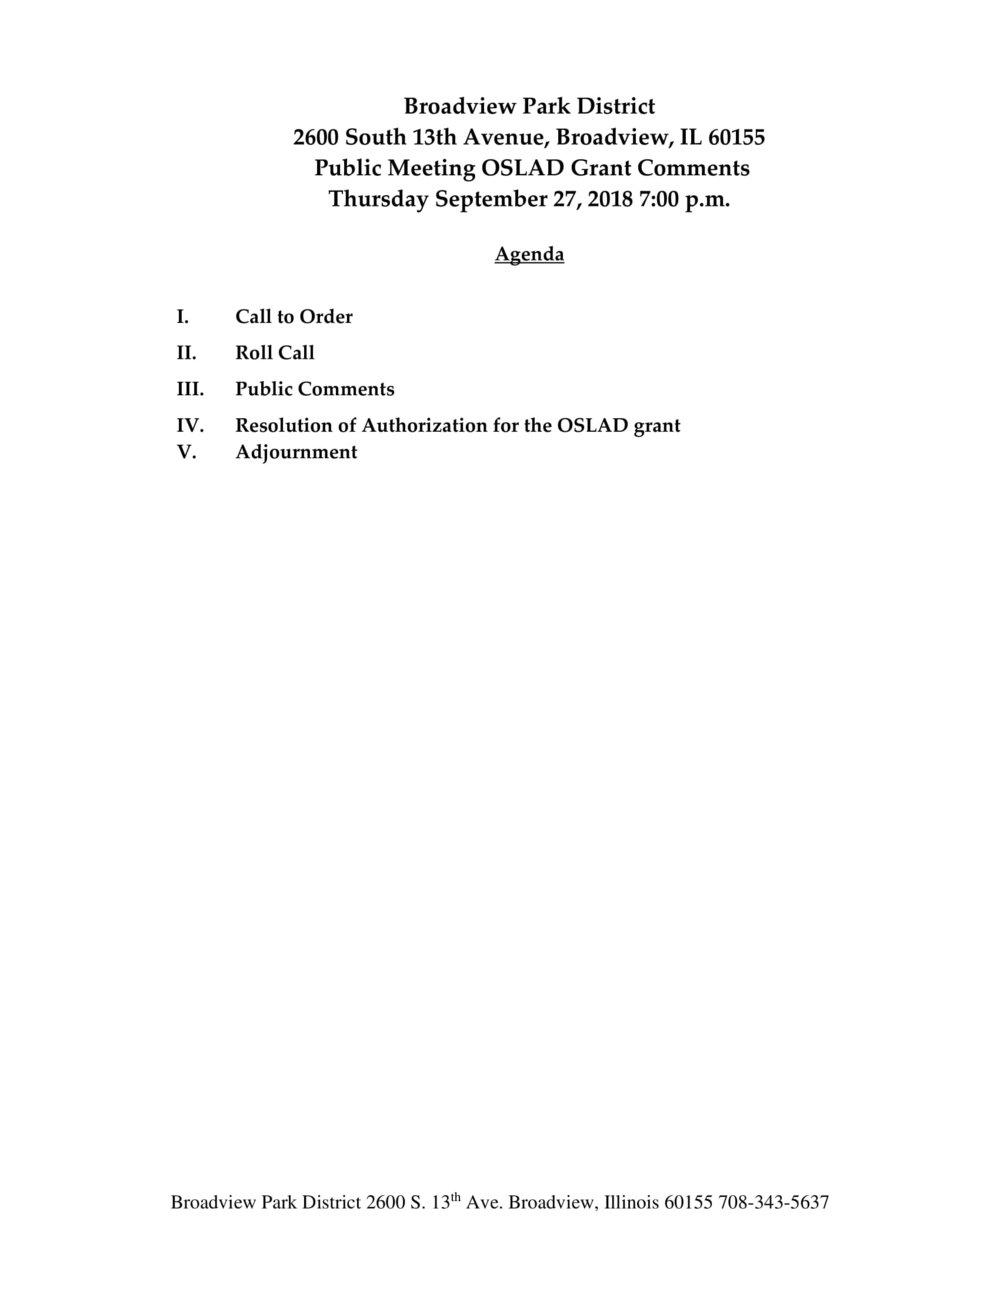 September 27 2018 OSLAD Grant Agenda-1.jpg